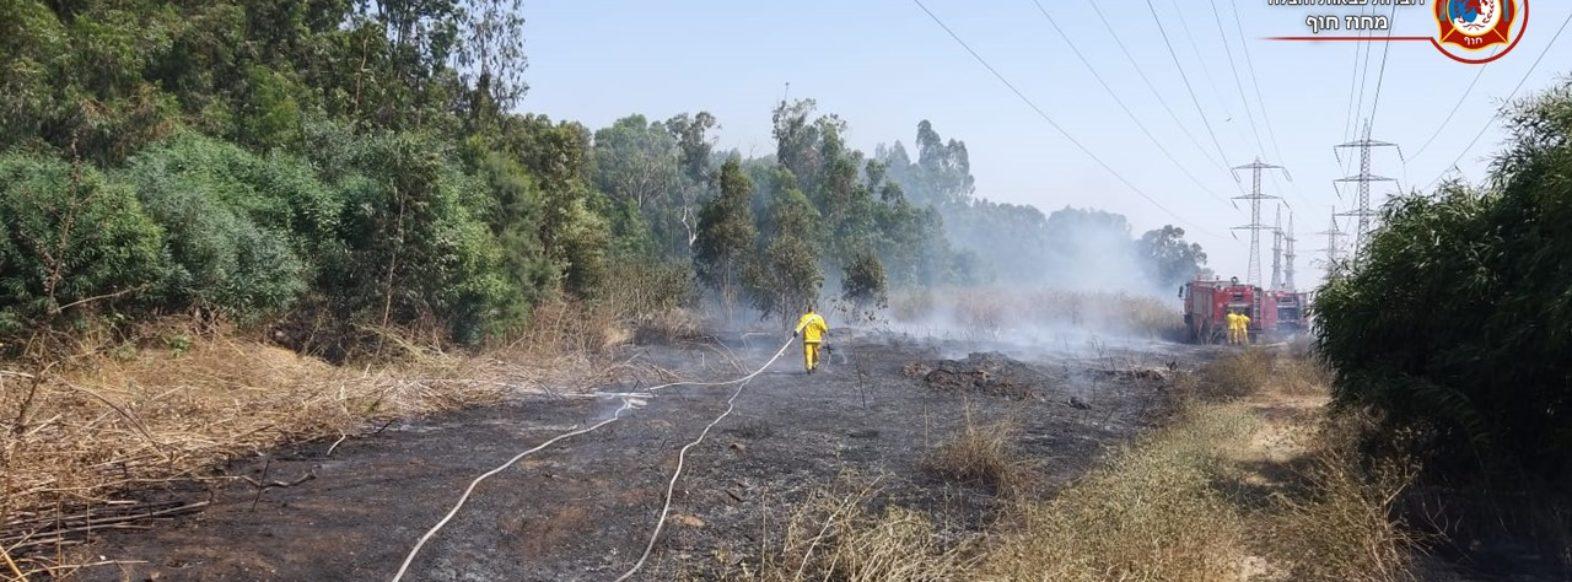 שריפה גדולה  באזור התעשיה ביאליק. צוותים מגנים על בתי העסק